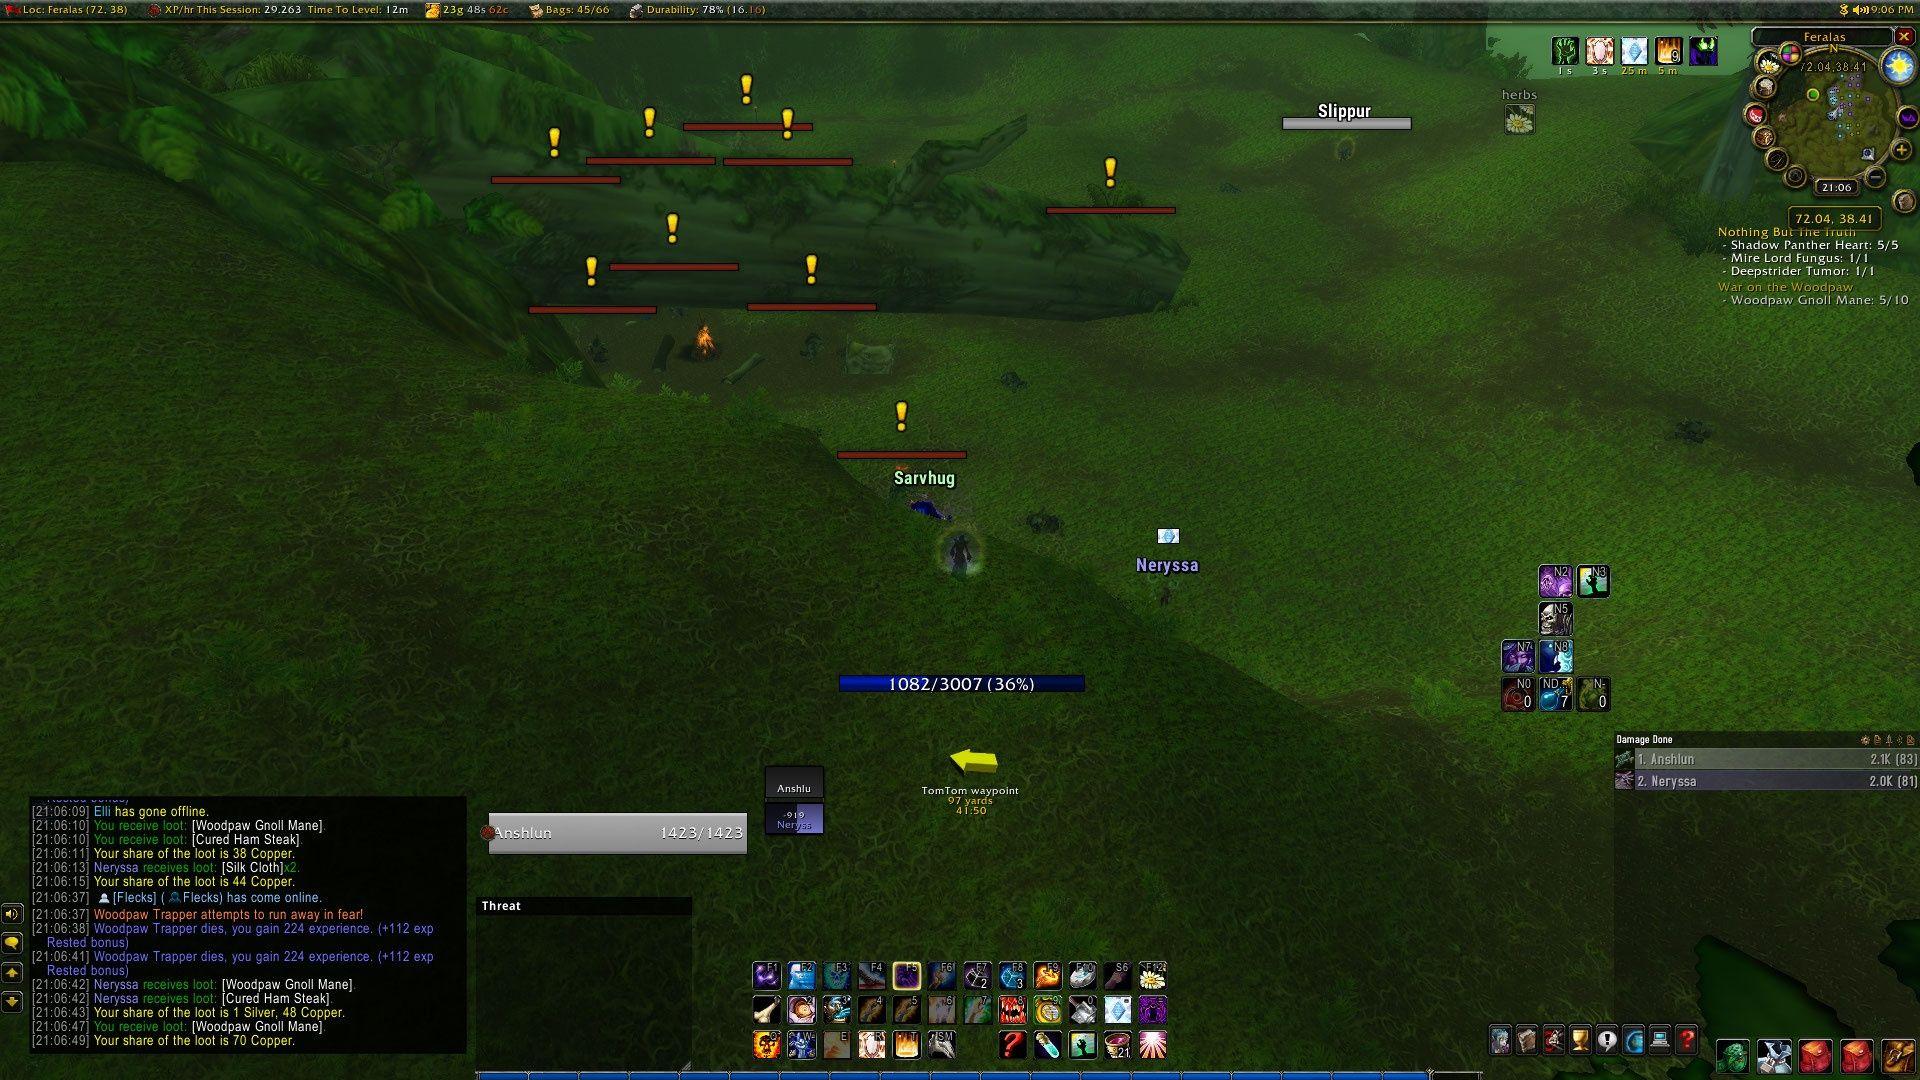 《魔兽世界》怀旧服姓名板可见距离锁定为20码